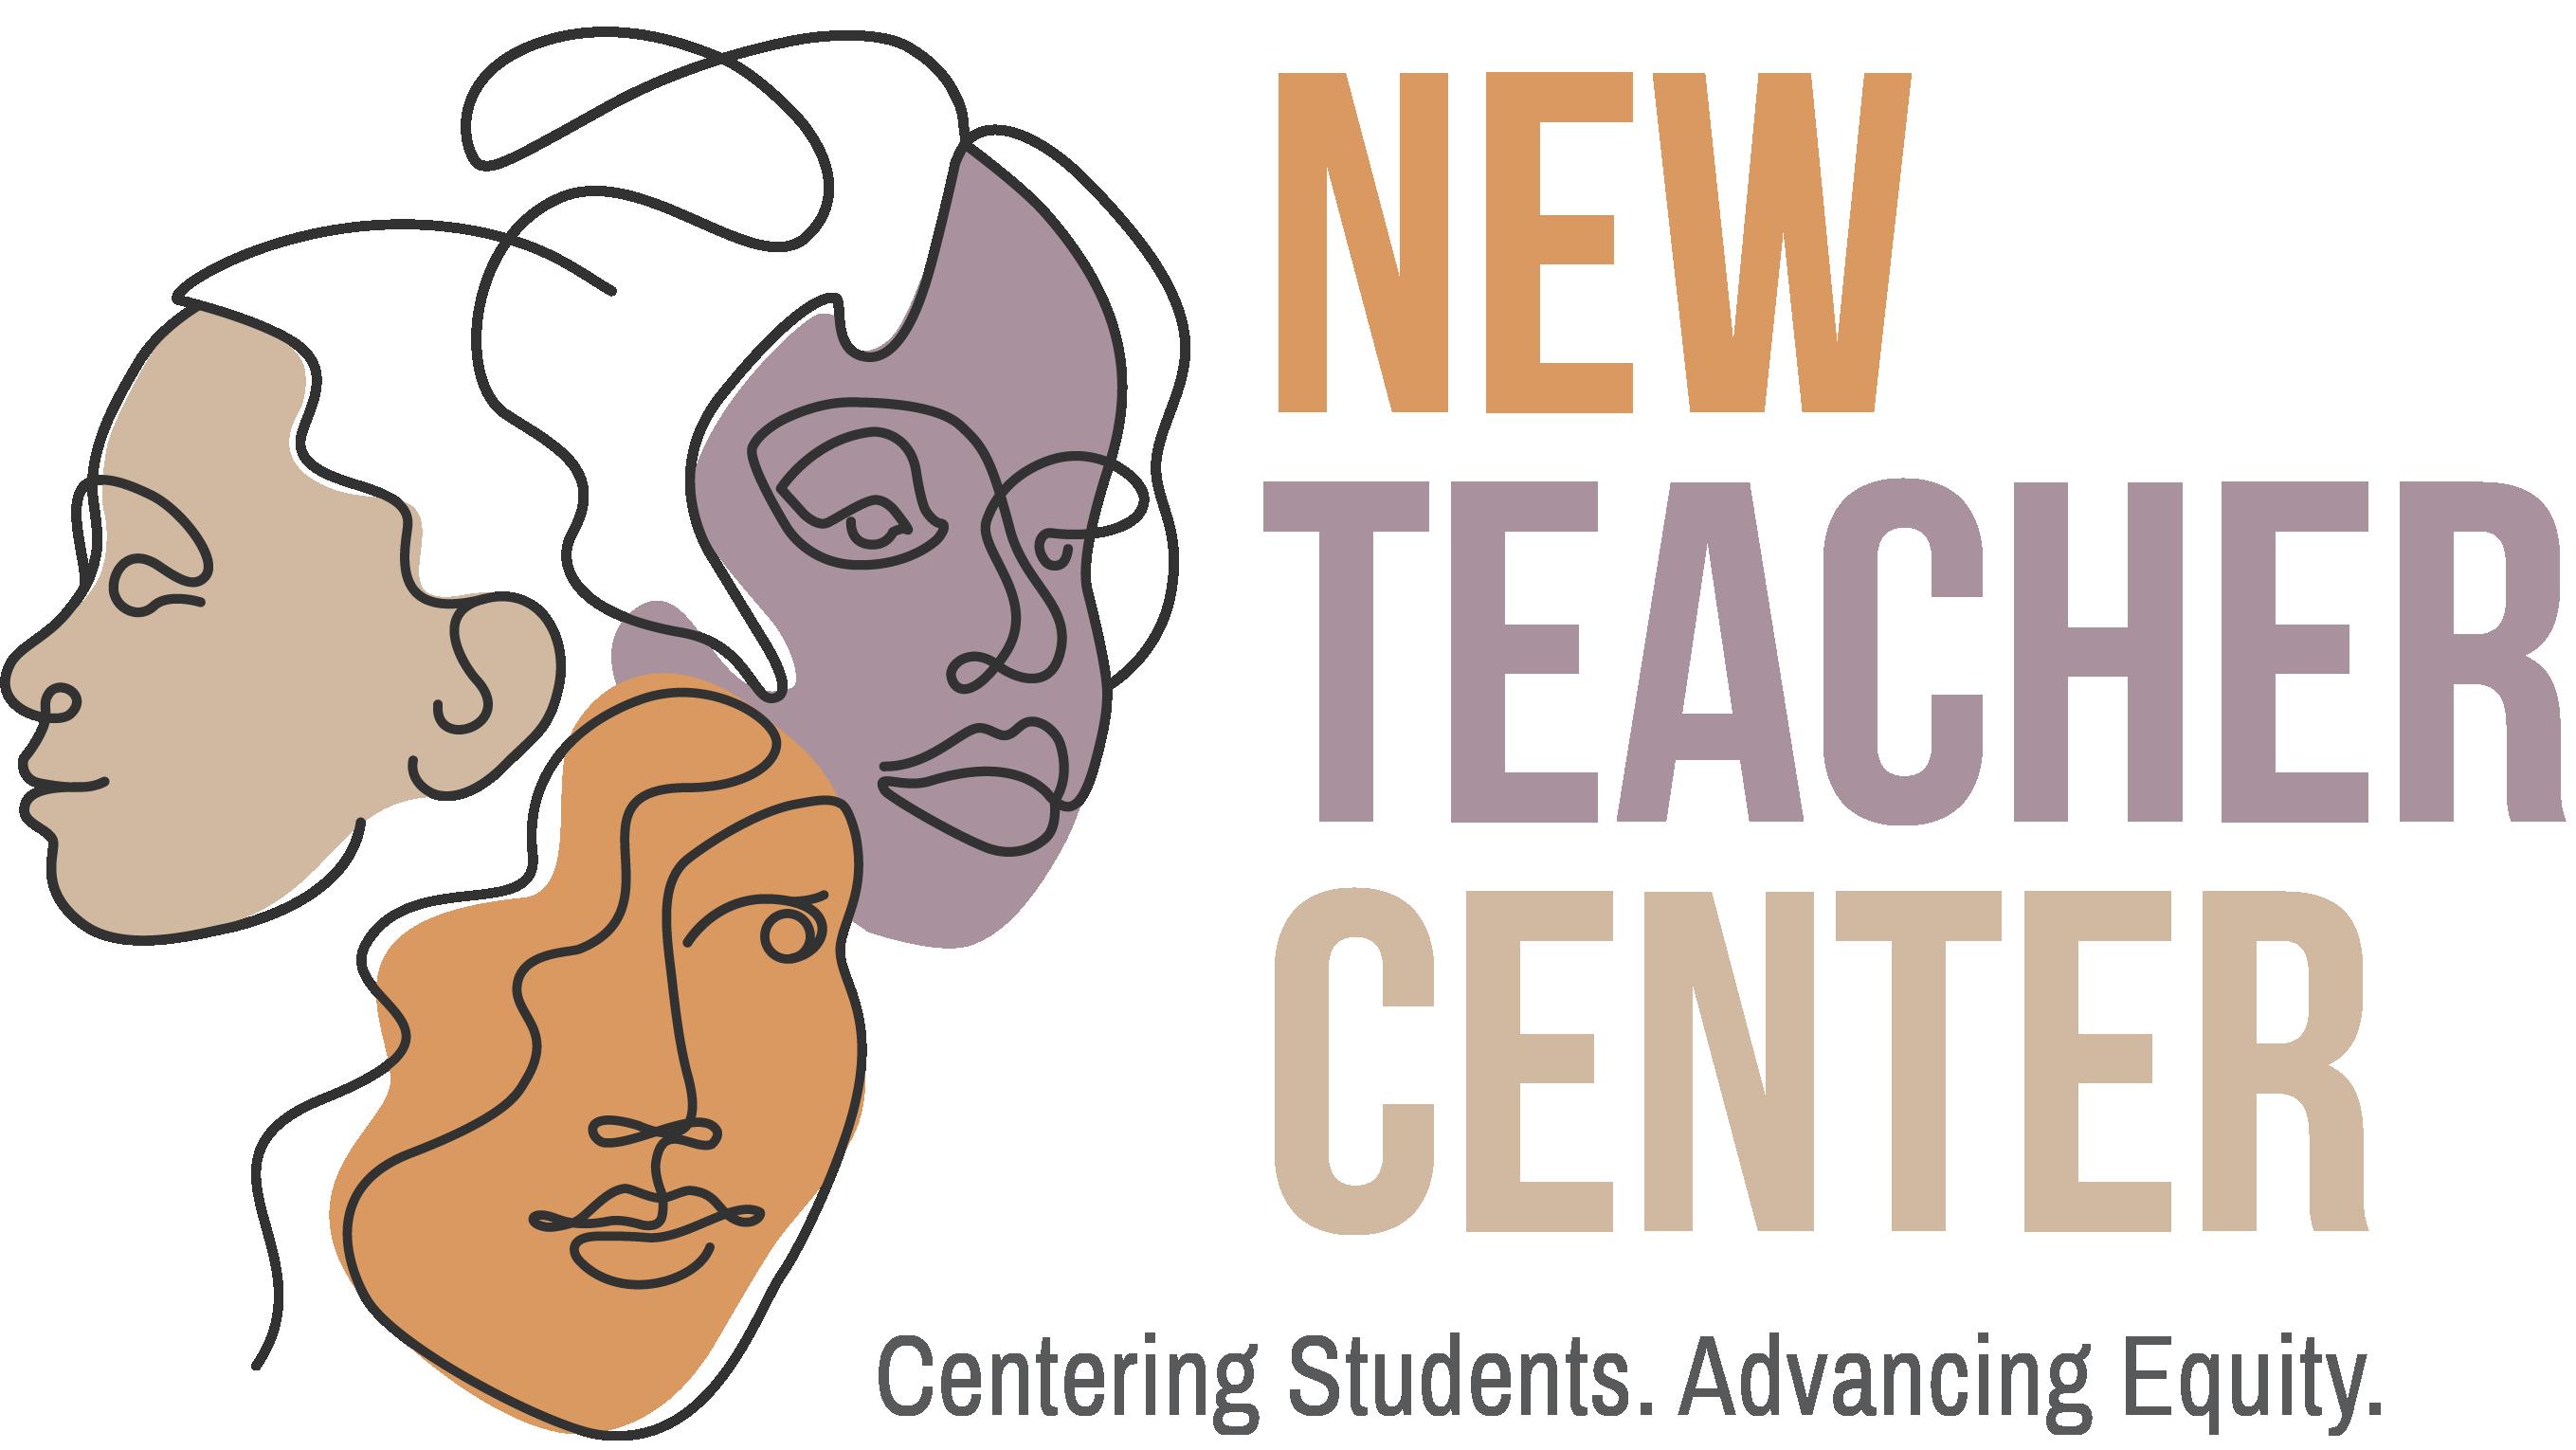 NTC New Logo with Tagline